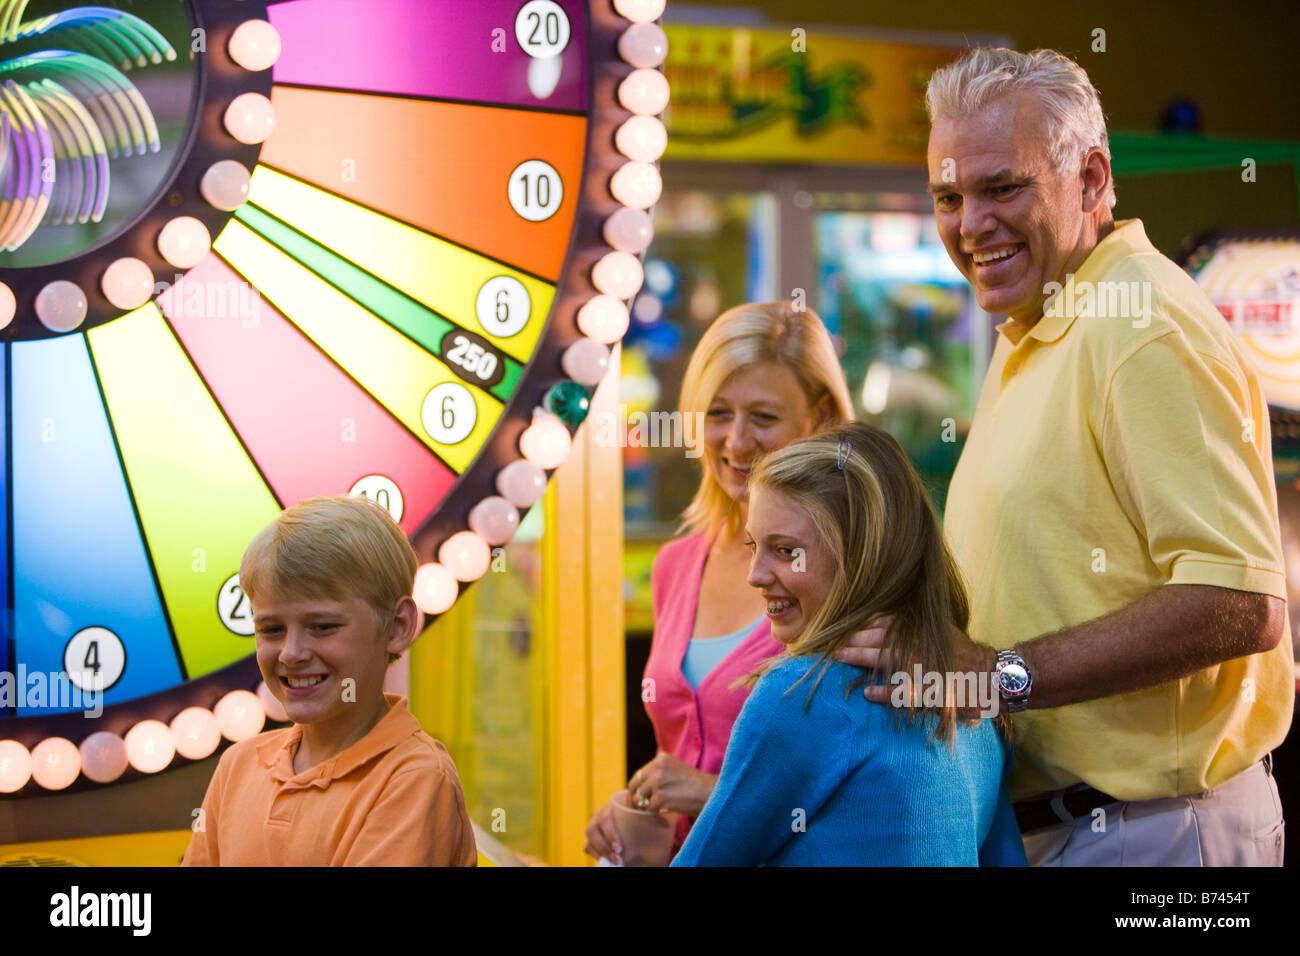 Kids Having Fun At A Fair